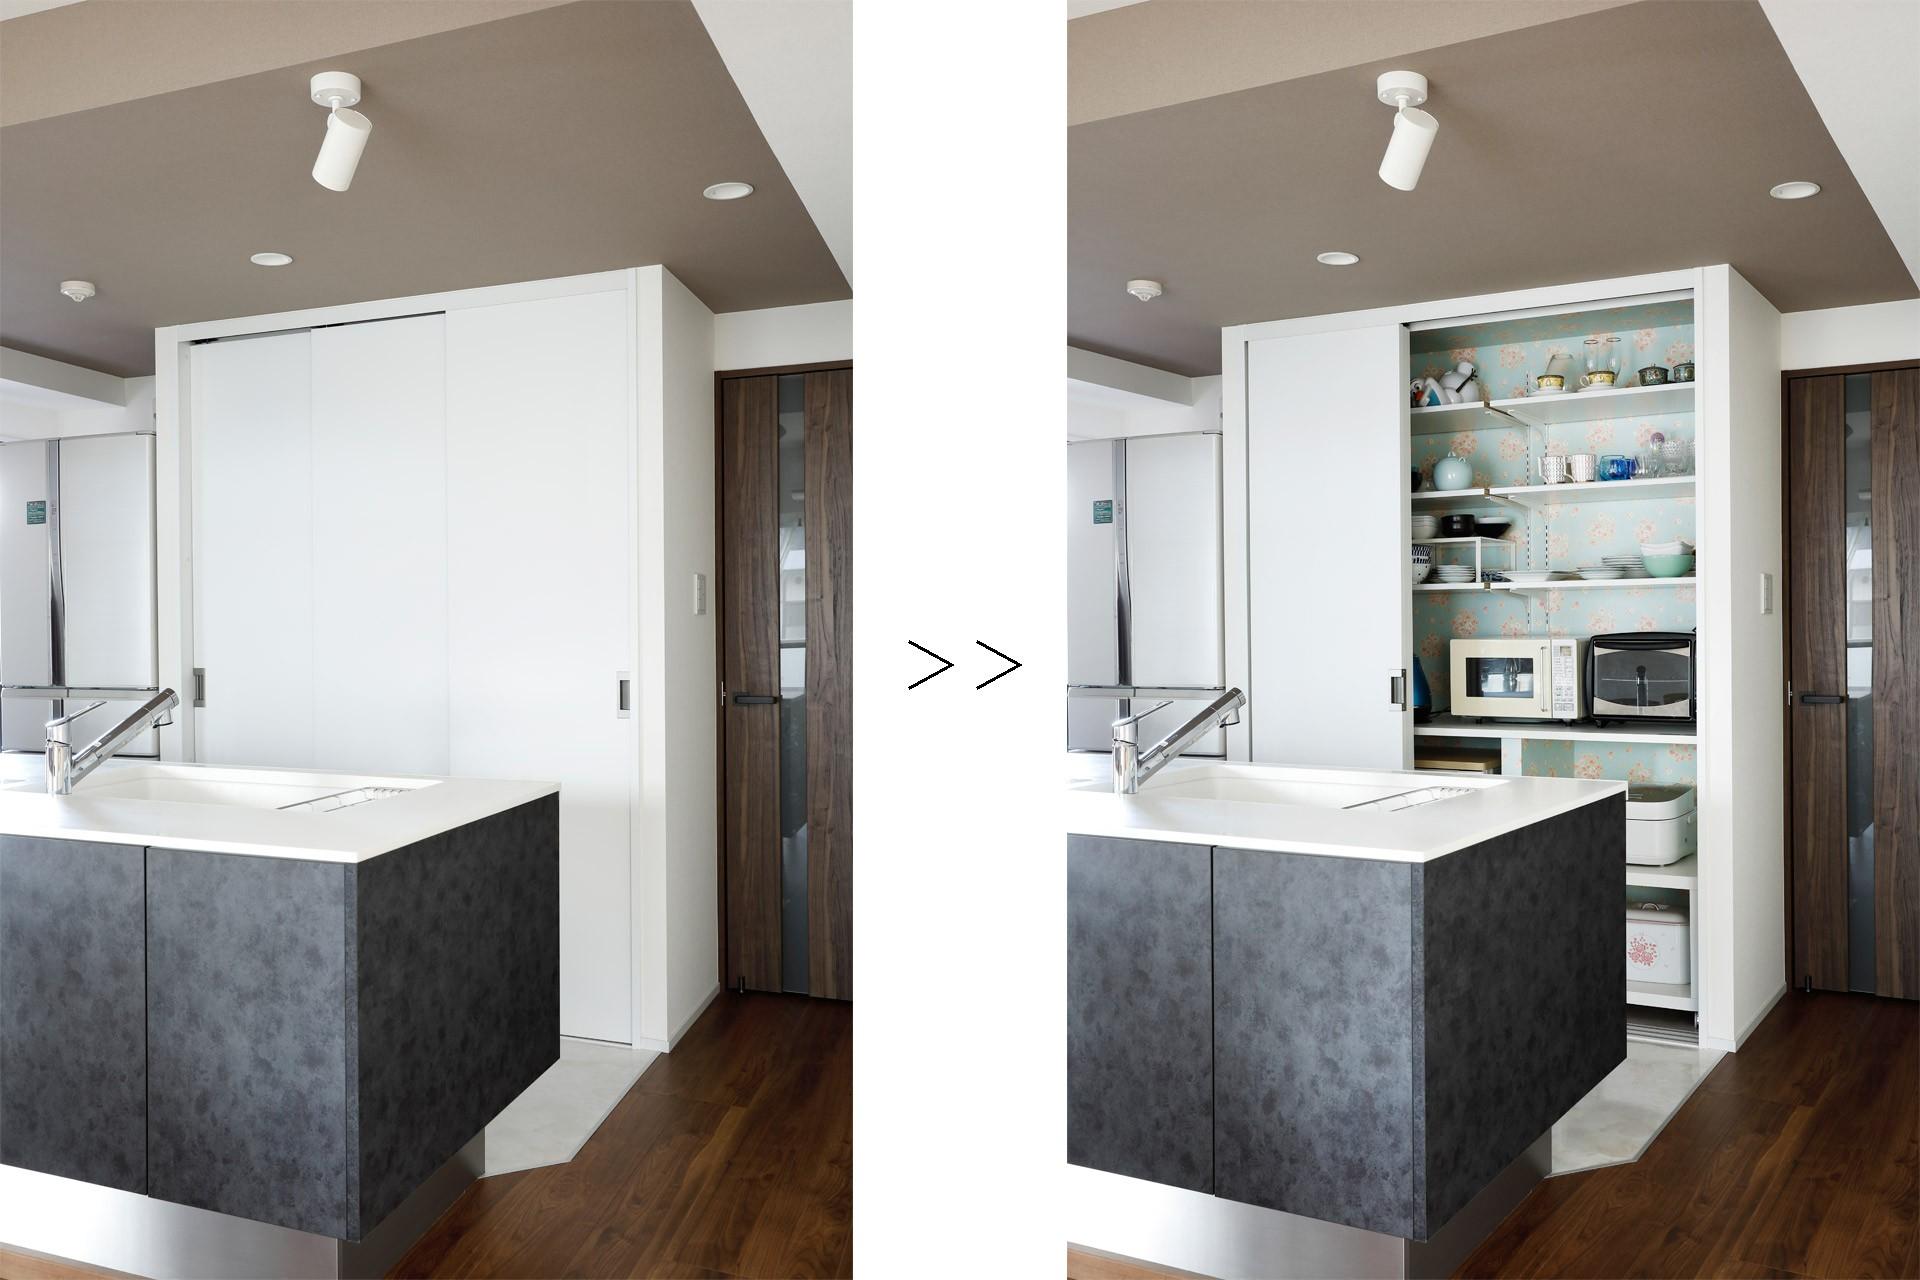 キッチン収納中の壁紙は遊び心を取り入れて 一見シンプルな住まいながら 来客には見えないオシャレにもこだわった家 キッチン事例 Suvaco スバコ